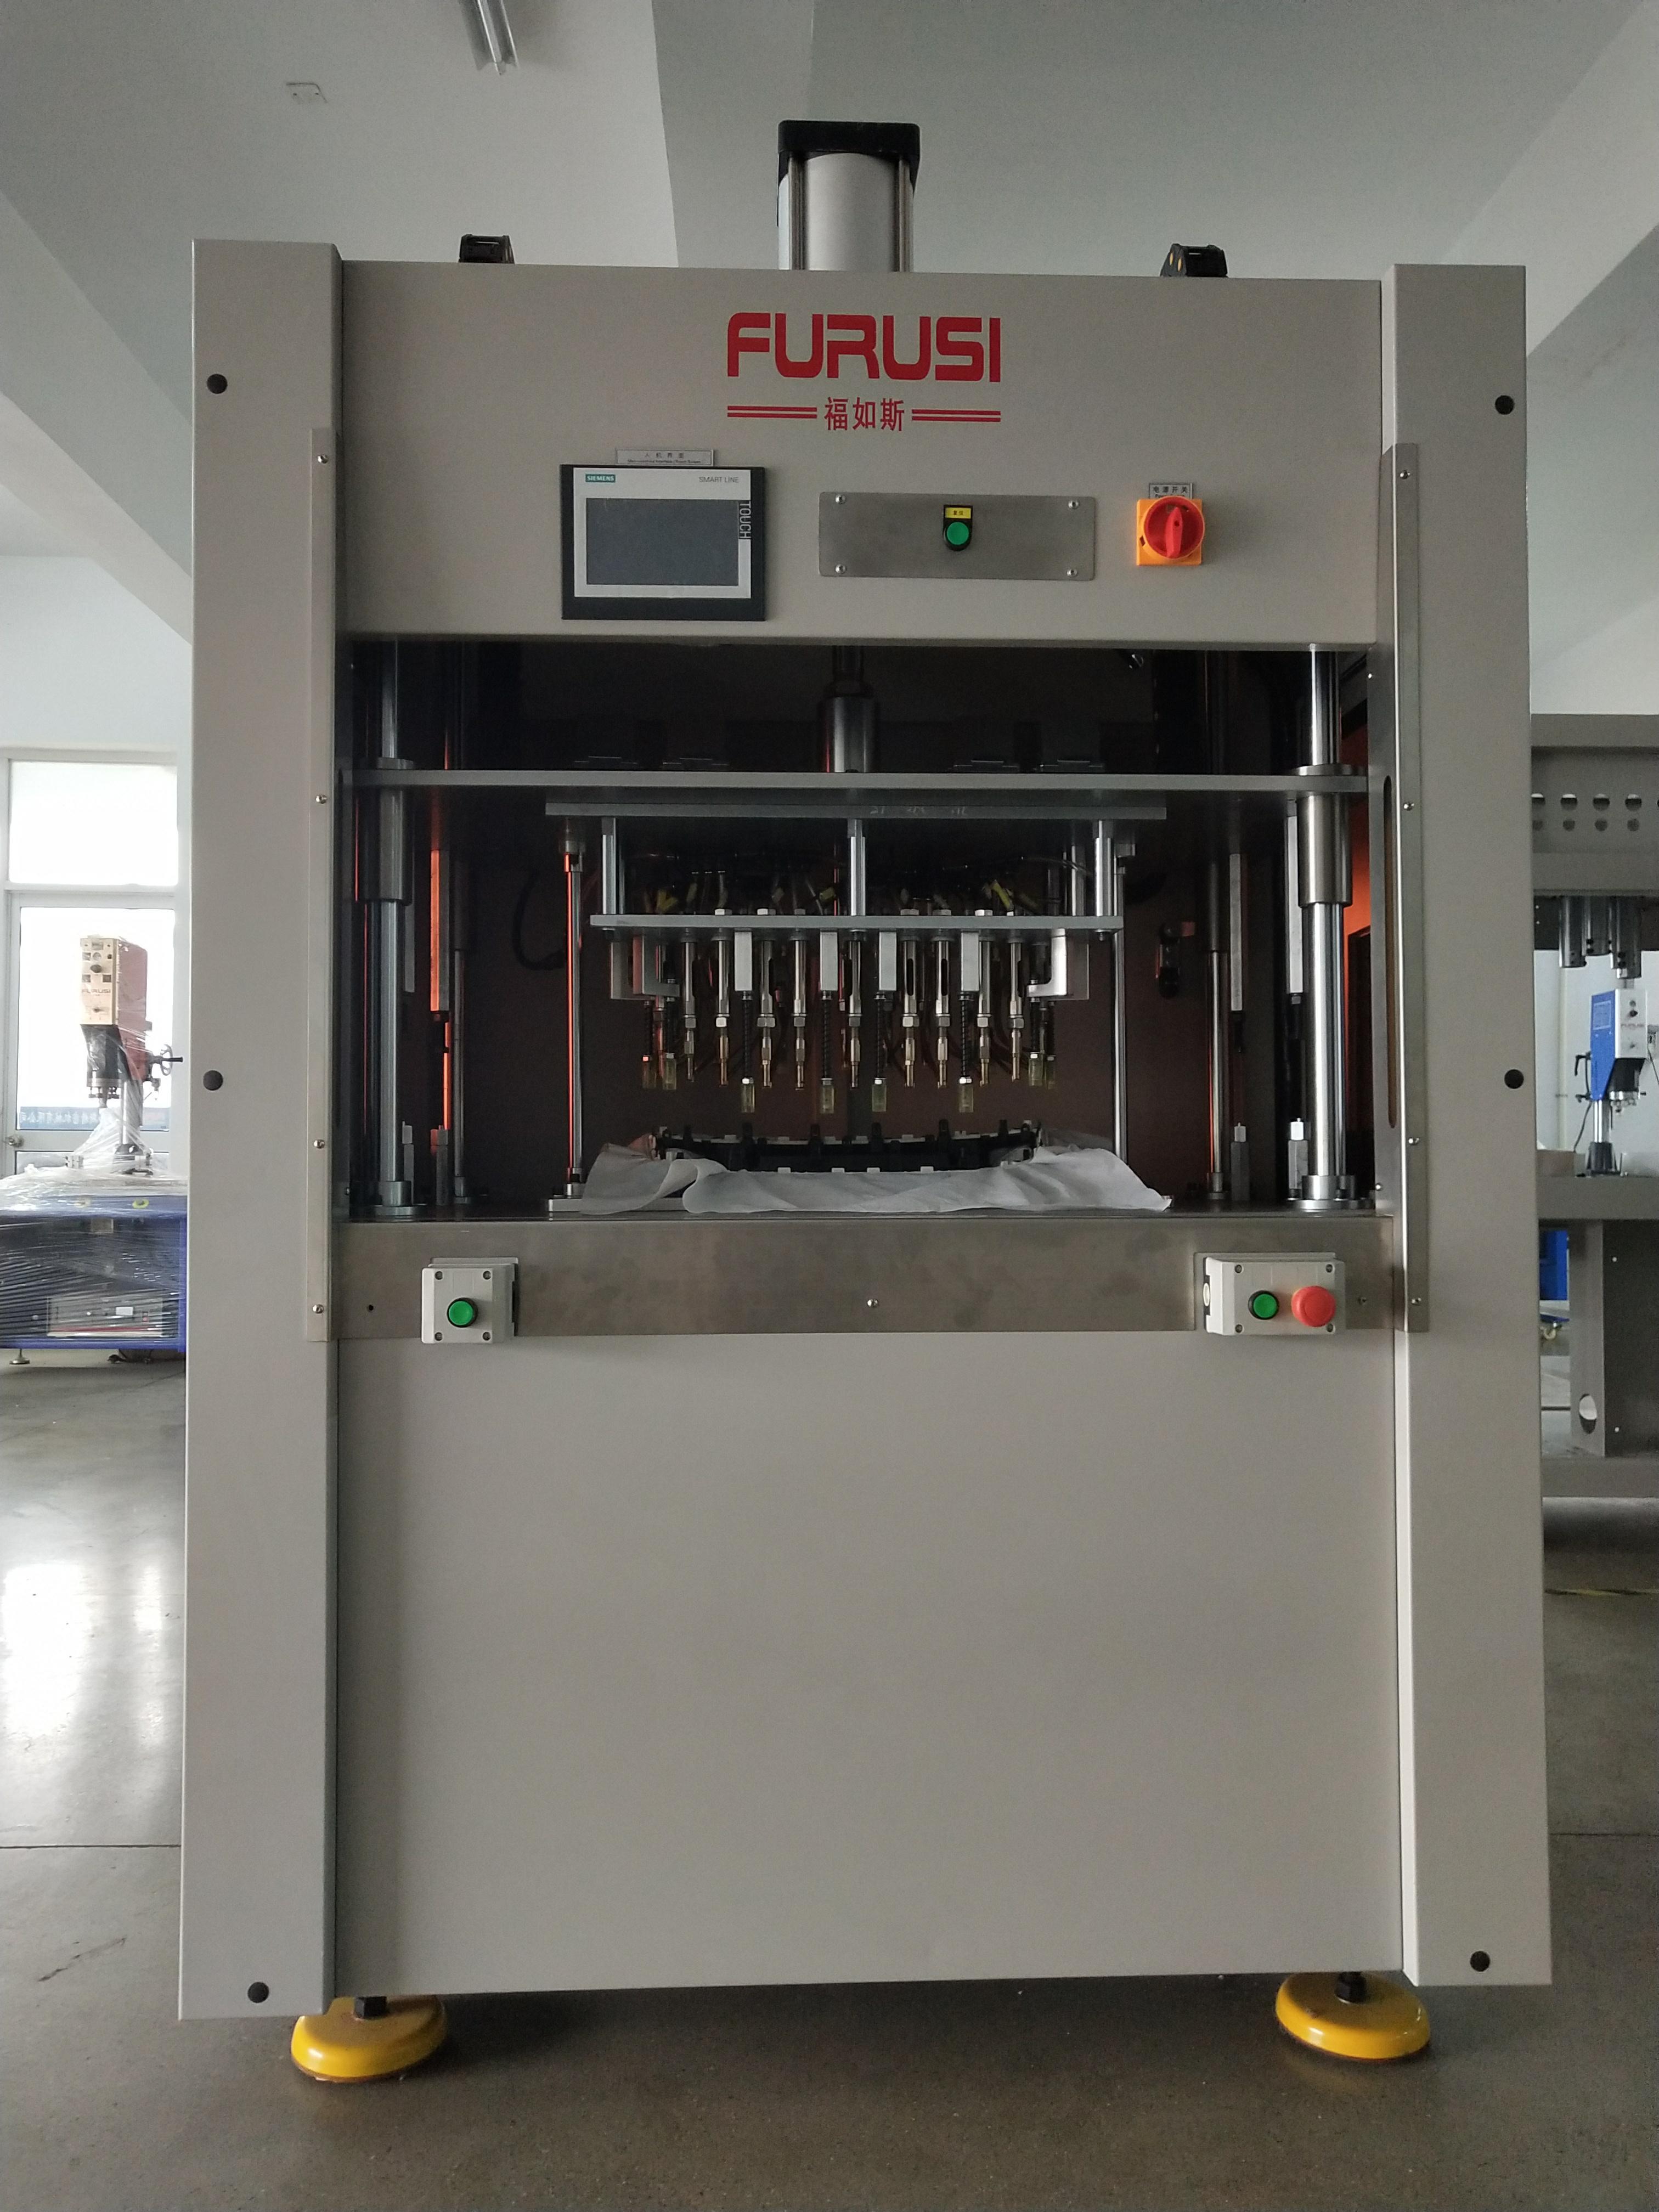 上海自动热铆机 推荐咨询 昆山福如斯精密机械供应